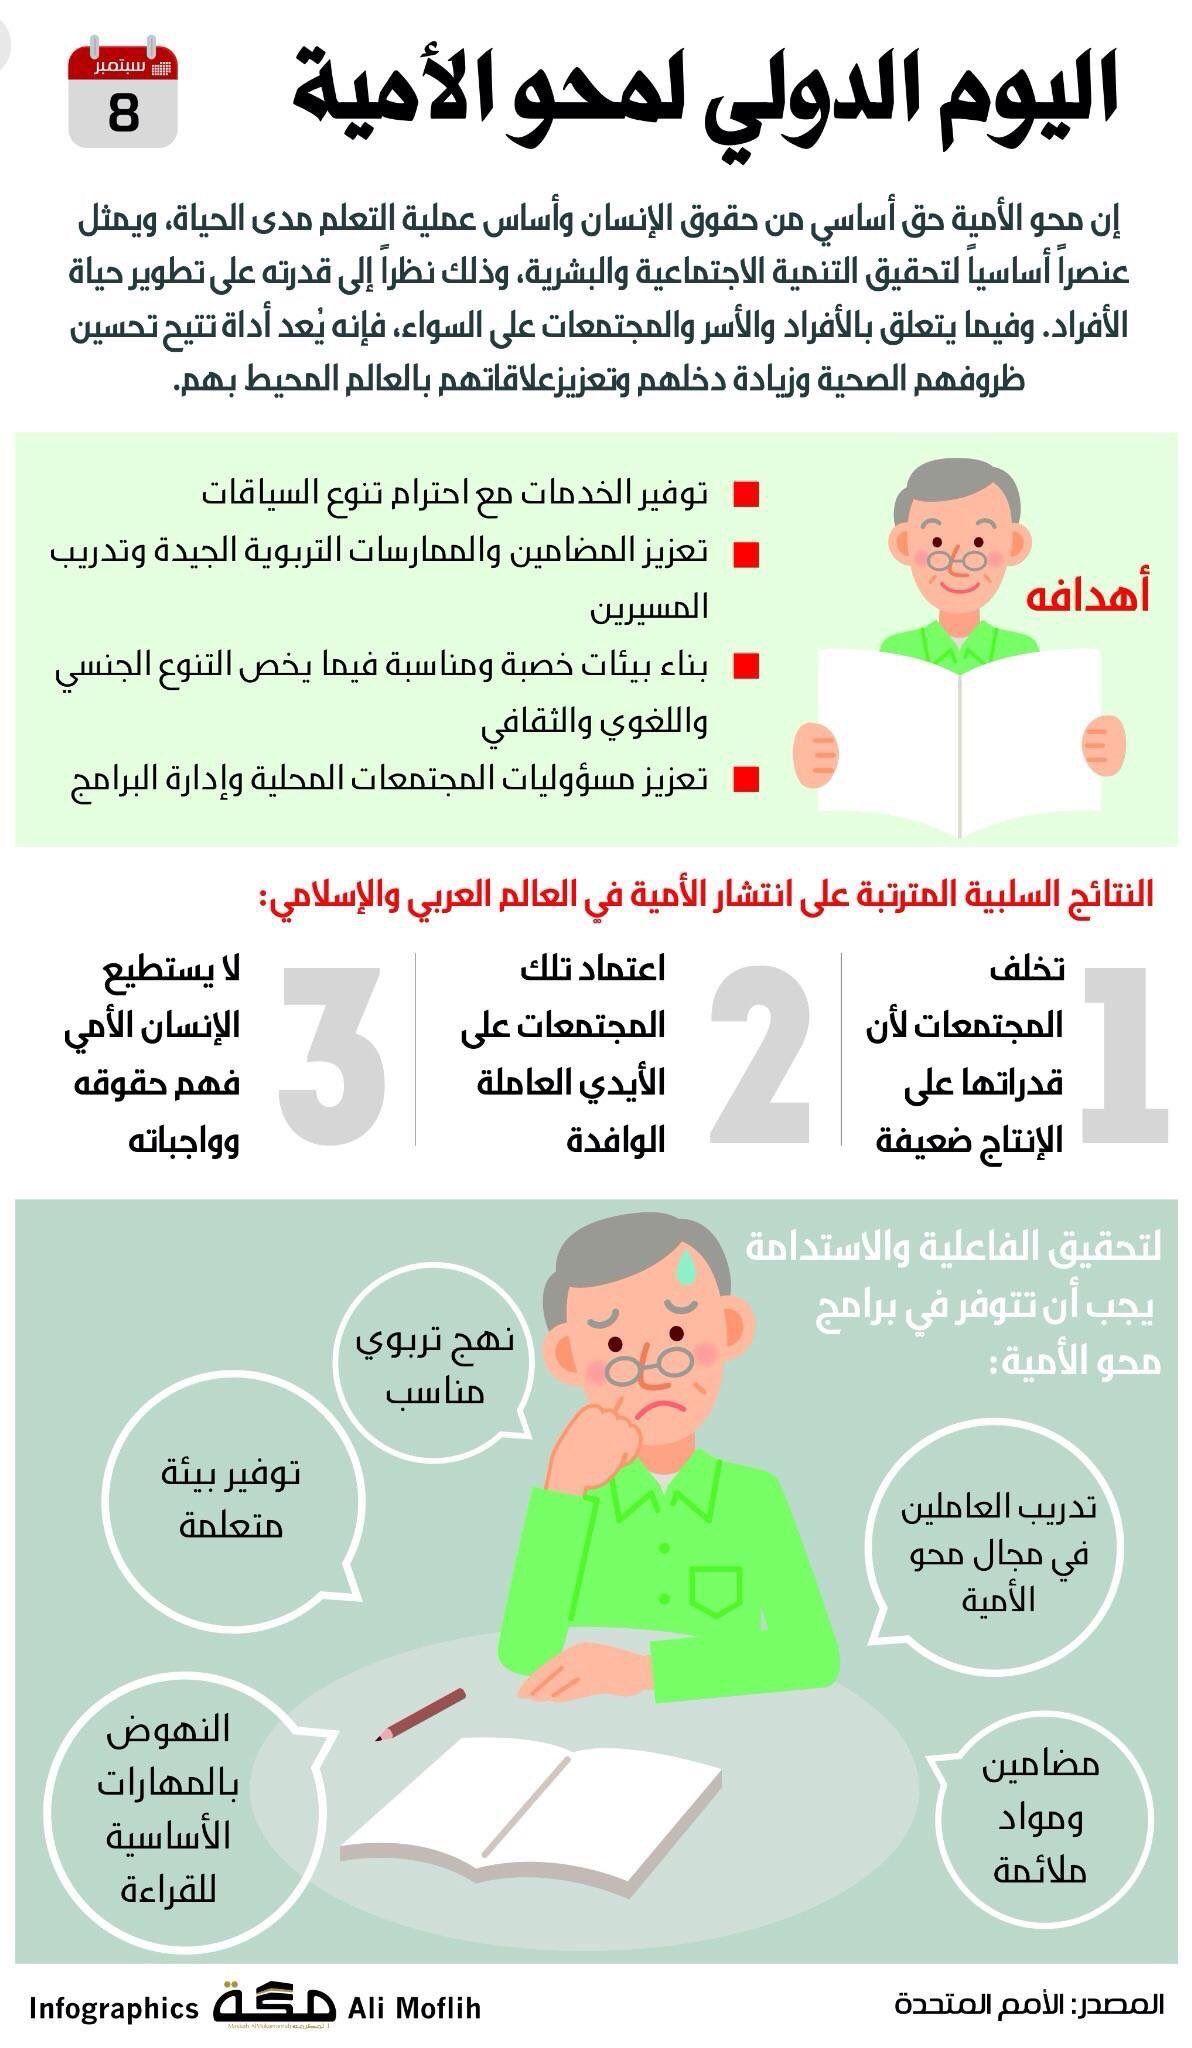 صوت الإرشاد الطلابي Ershad Ksa2 تويتر Infographic Graphic Design Lull